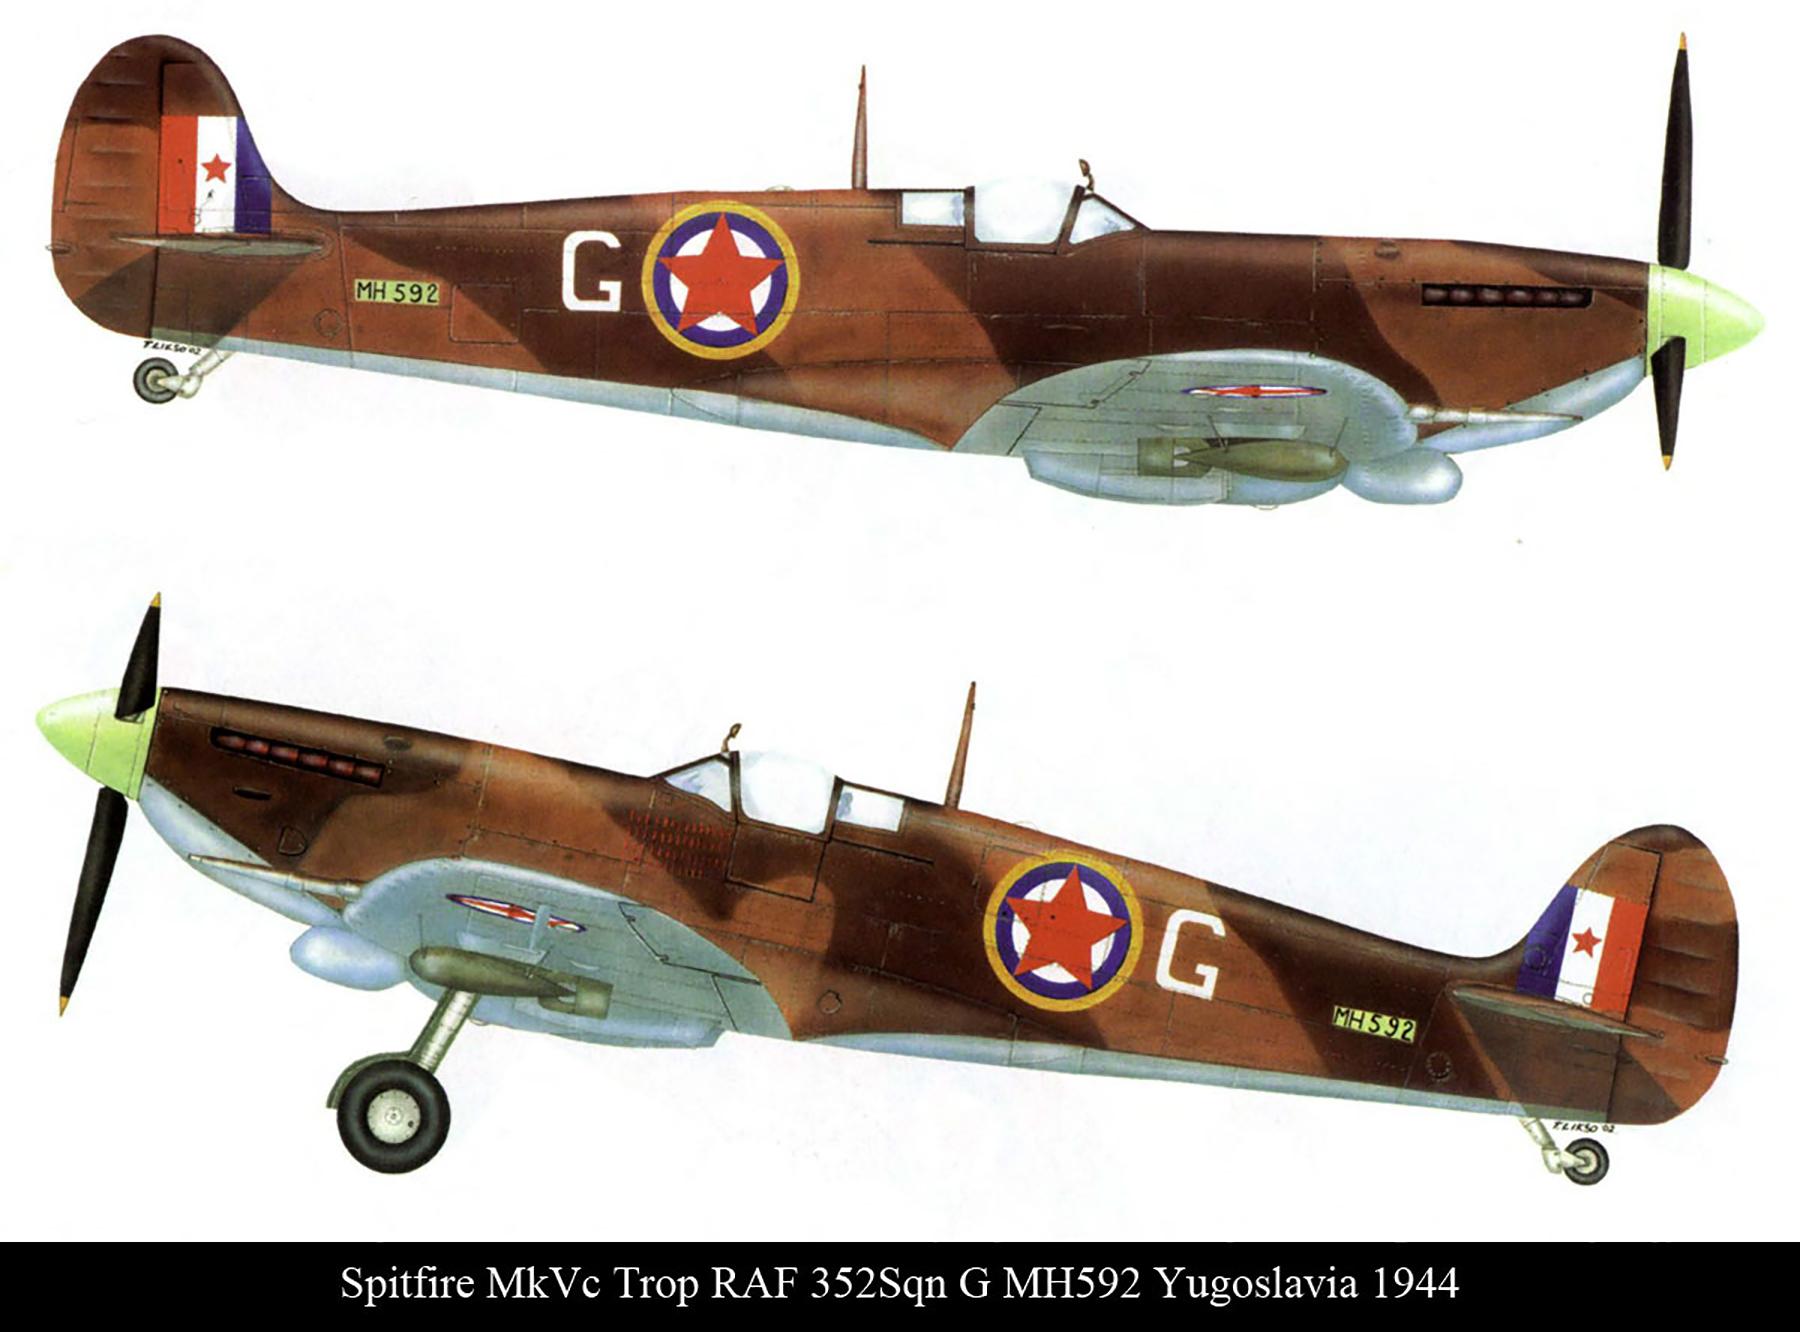 Spitfire MkVcTrop RAF 352Sqn G MH592 Yugoslavia 1944 0A